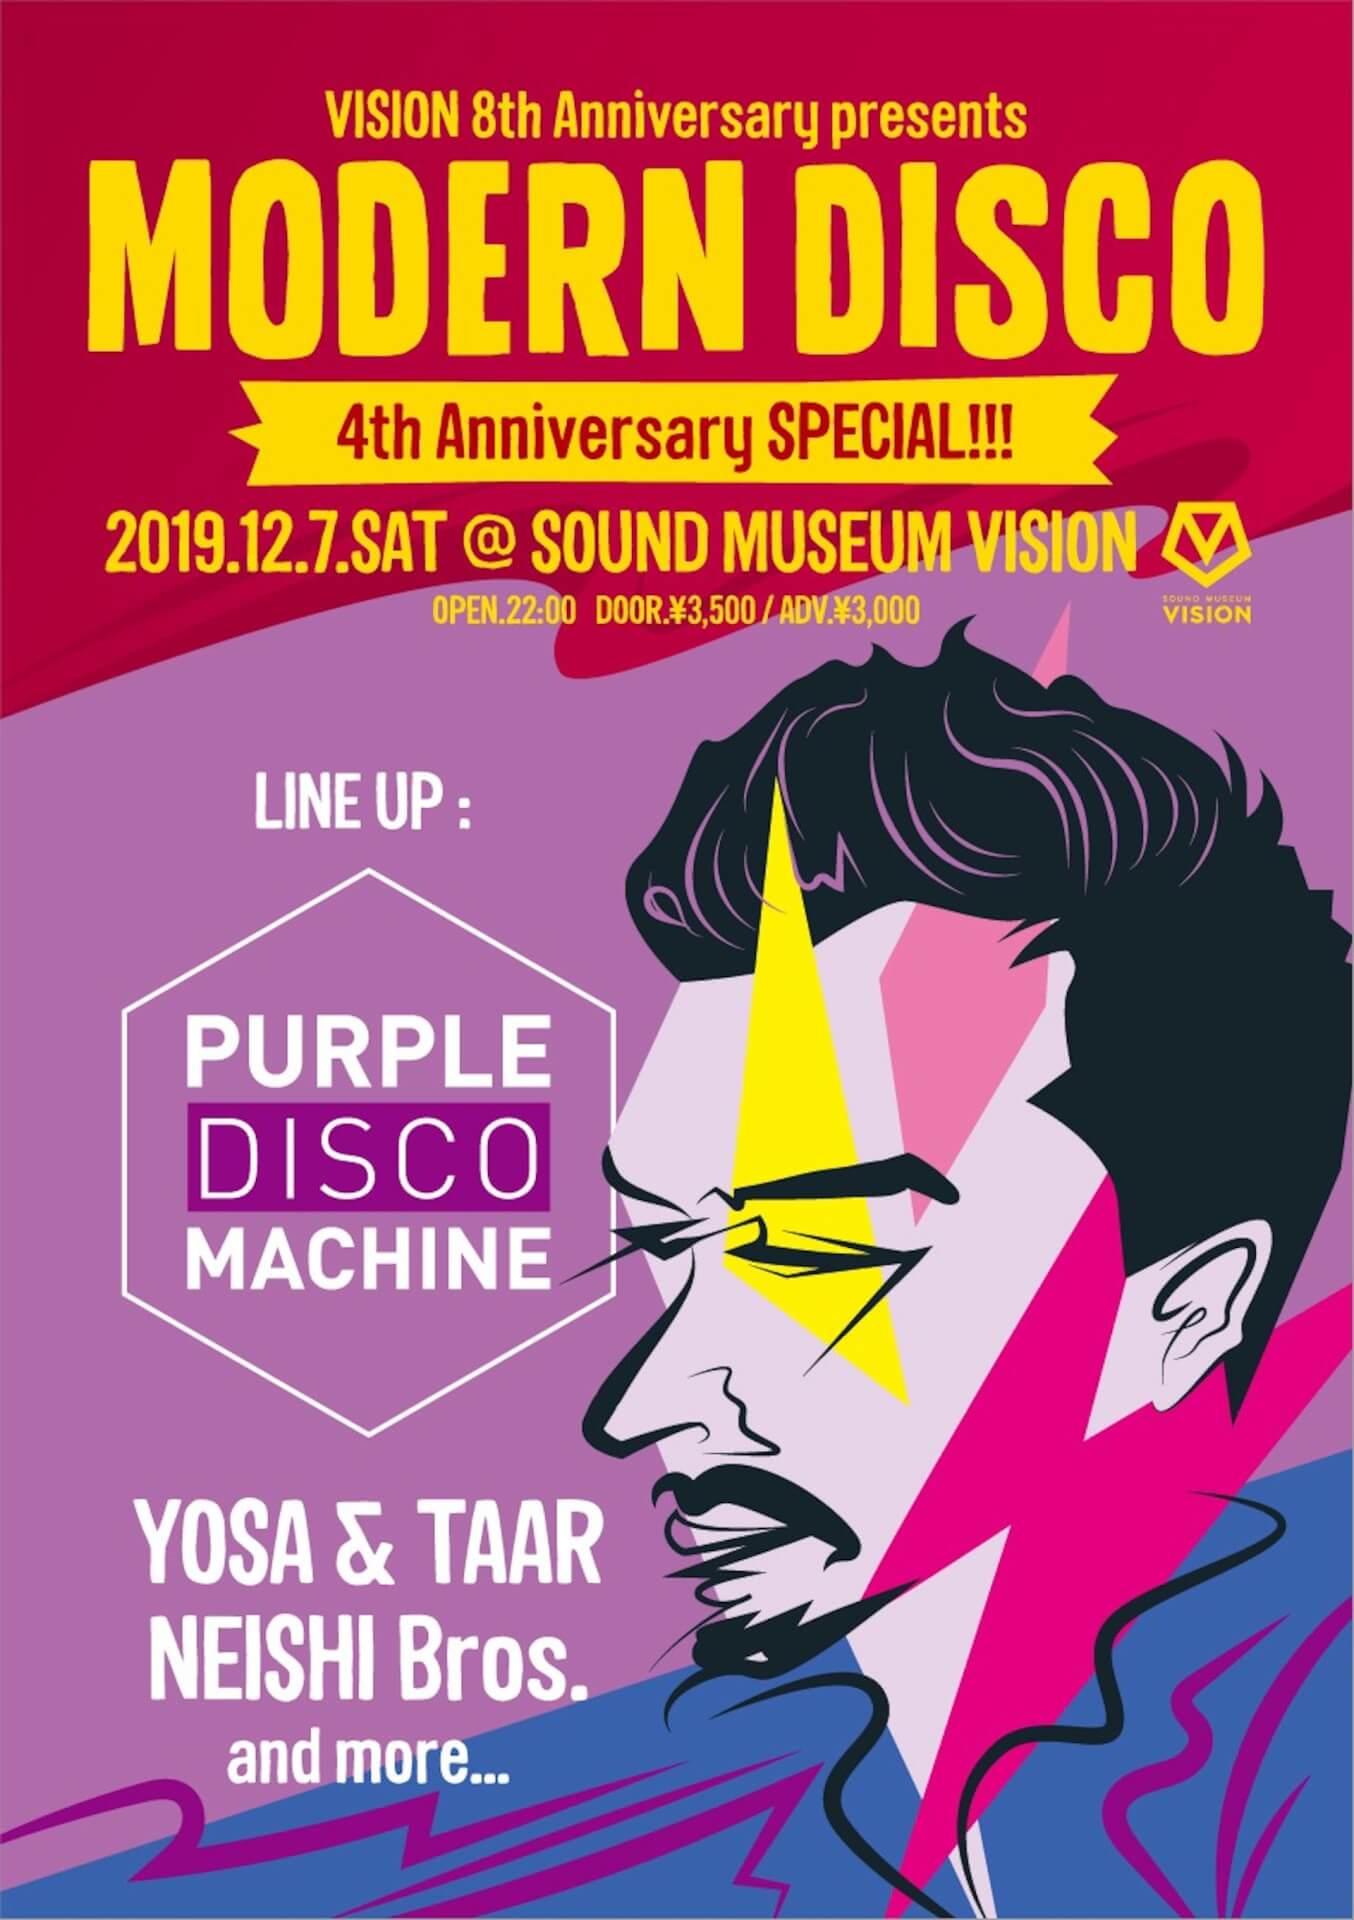 渋谷VISIONの8周年アニバーサリーを4日間に渡り開催|ゆるふわギャング、tofubeats、Mark Knight、Purple Disco Machineら豪華ゲストが出演 20191207